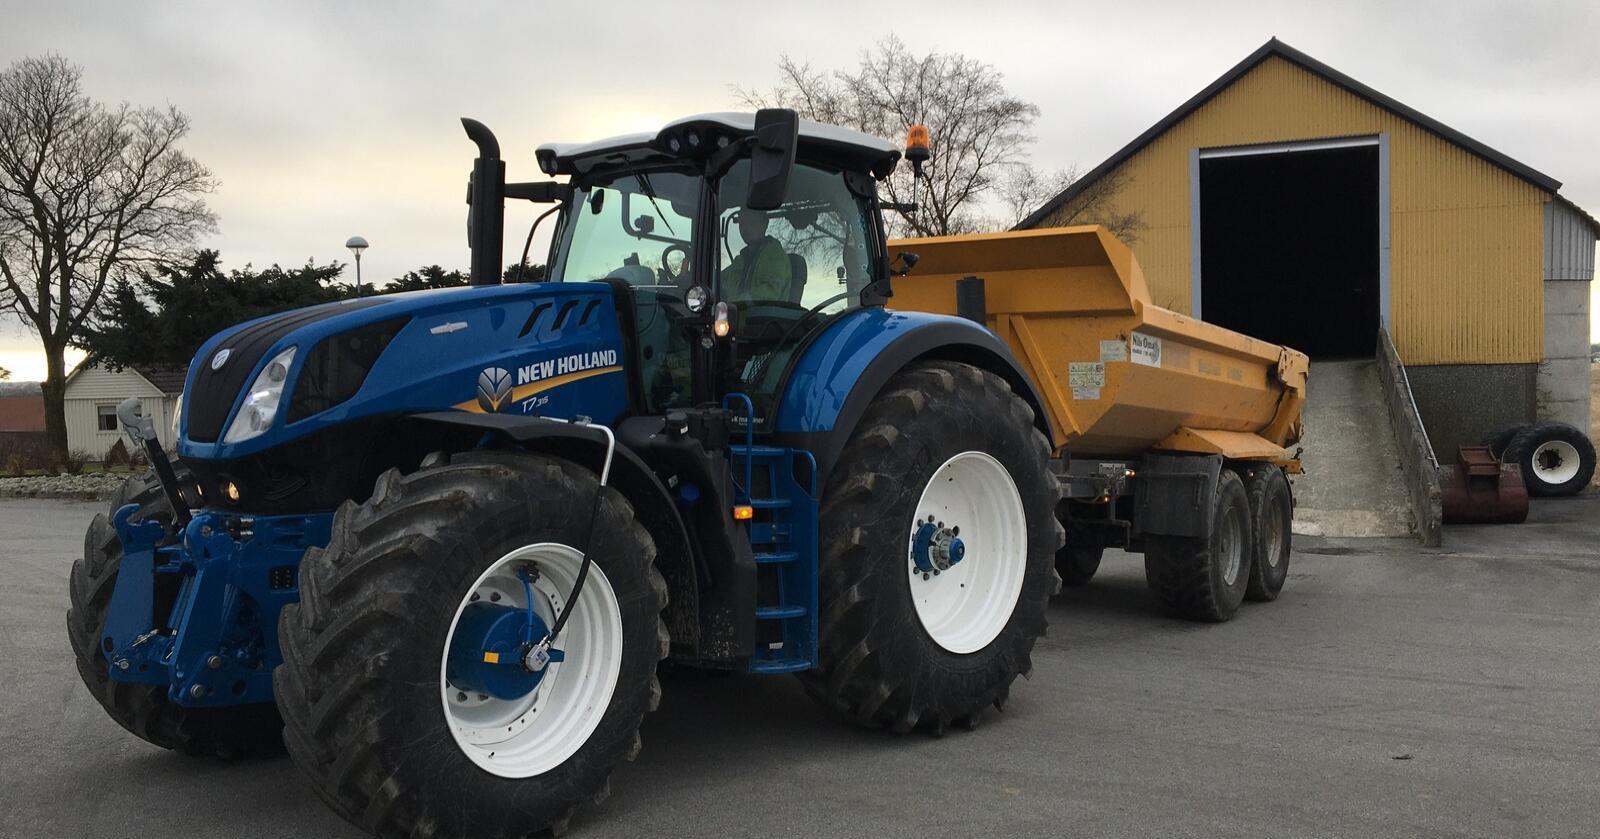 Stor: Den nye, Ford-lakkerte New Holland T7.315 til Nils Oma, er en av de første traktorene Agri produkter leverer systemet på. Den skal brukes i anleggskjøring, samt planering